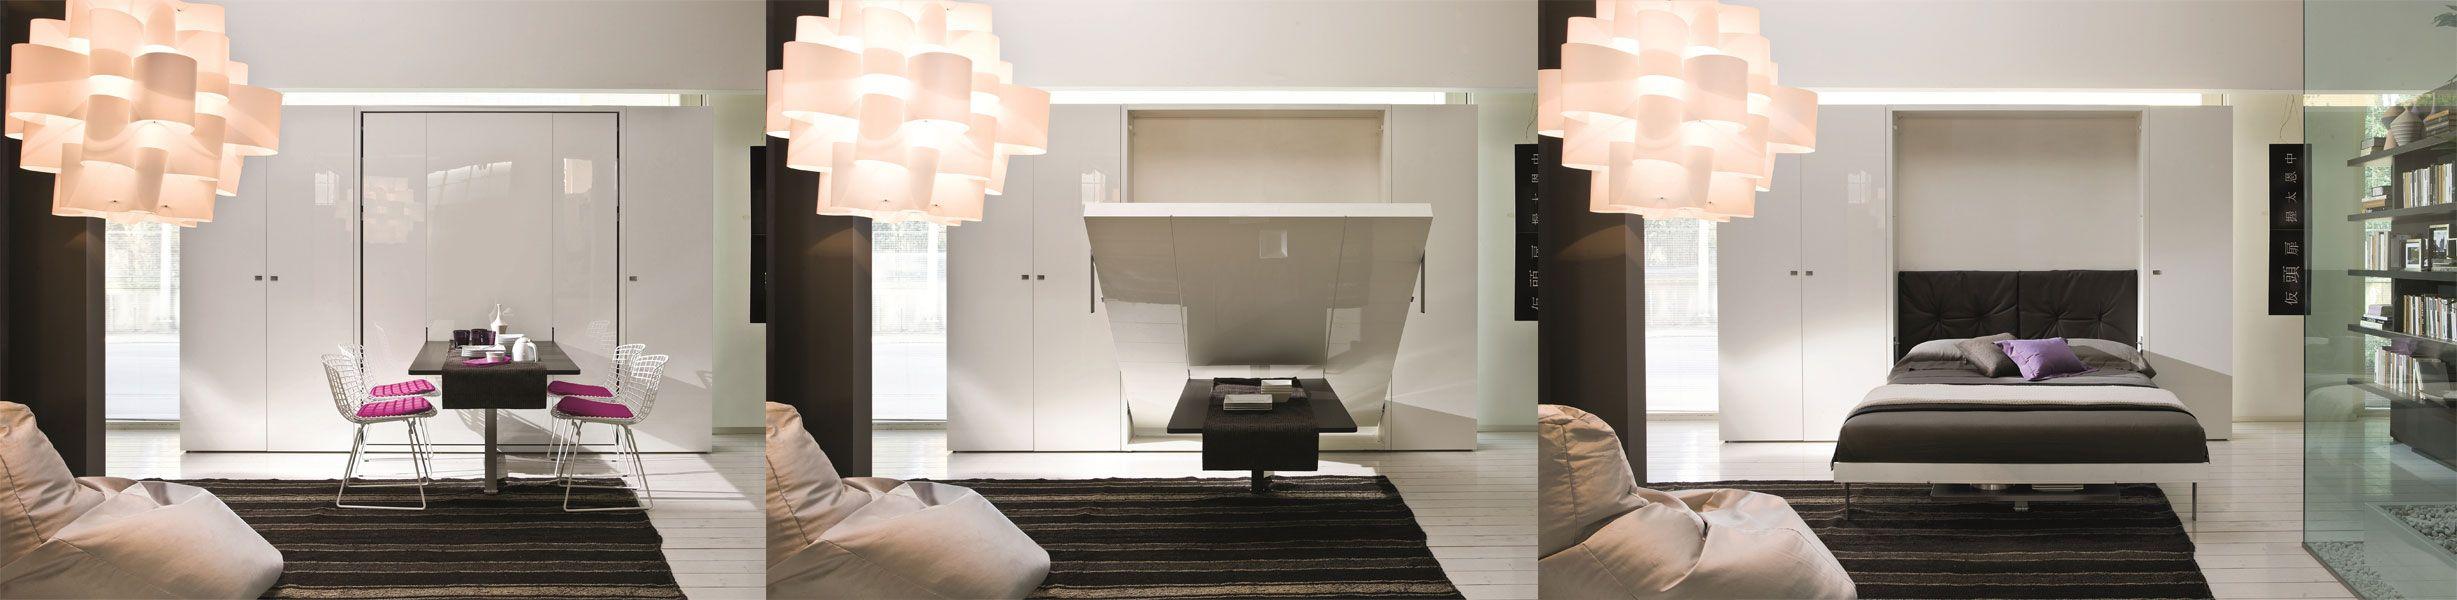 <strong>Cama e mesa:</strong> na configuração do dia, dispõe de uma mesa para quatro a cinco lugares. Ao abrir a cama de casal, a mesa fica sob a base que sustenta o colchão. Esse móvel da Linha Ulisse Dining é da Mobili Intelligenti.